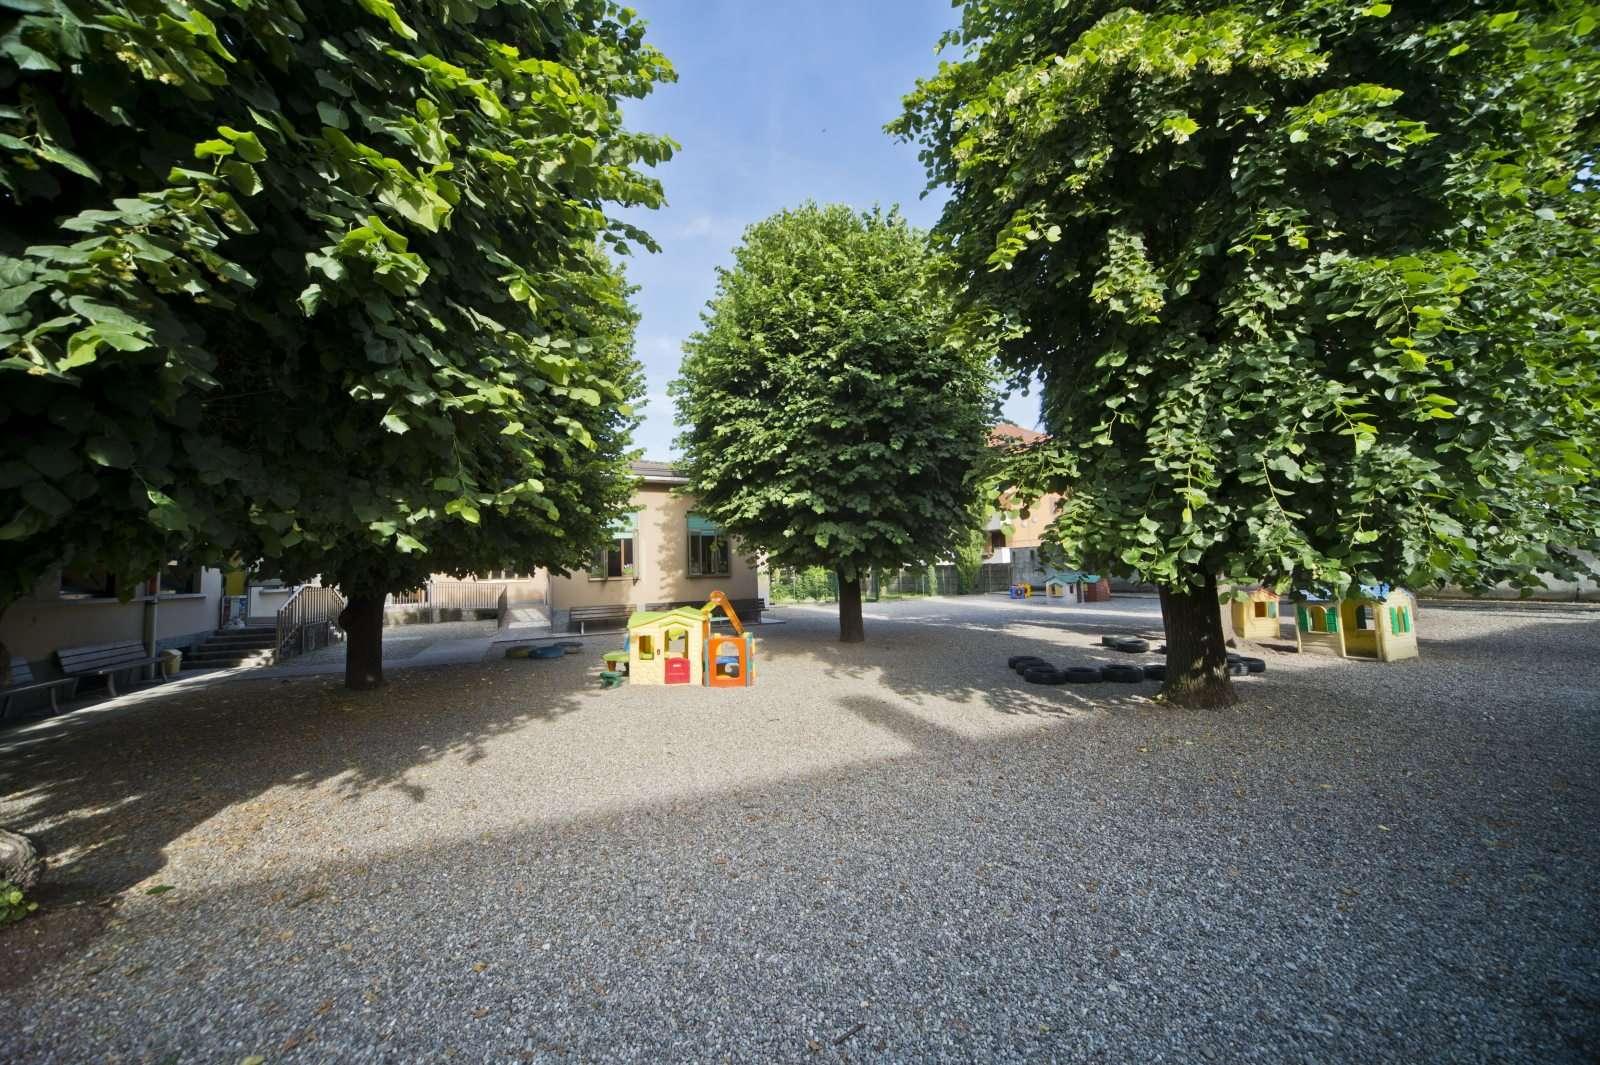 030 D4C 5570 Ridotte - Scuola Materna Peschiera Borromeo